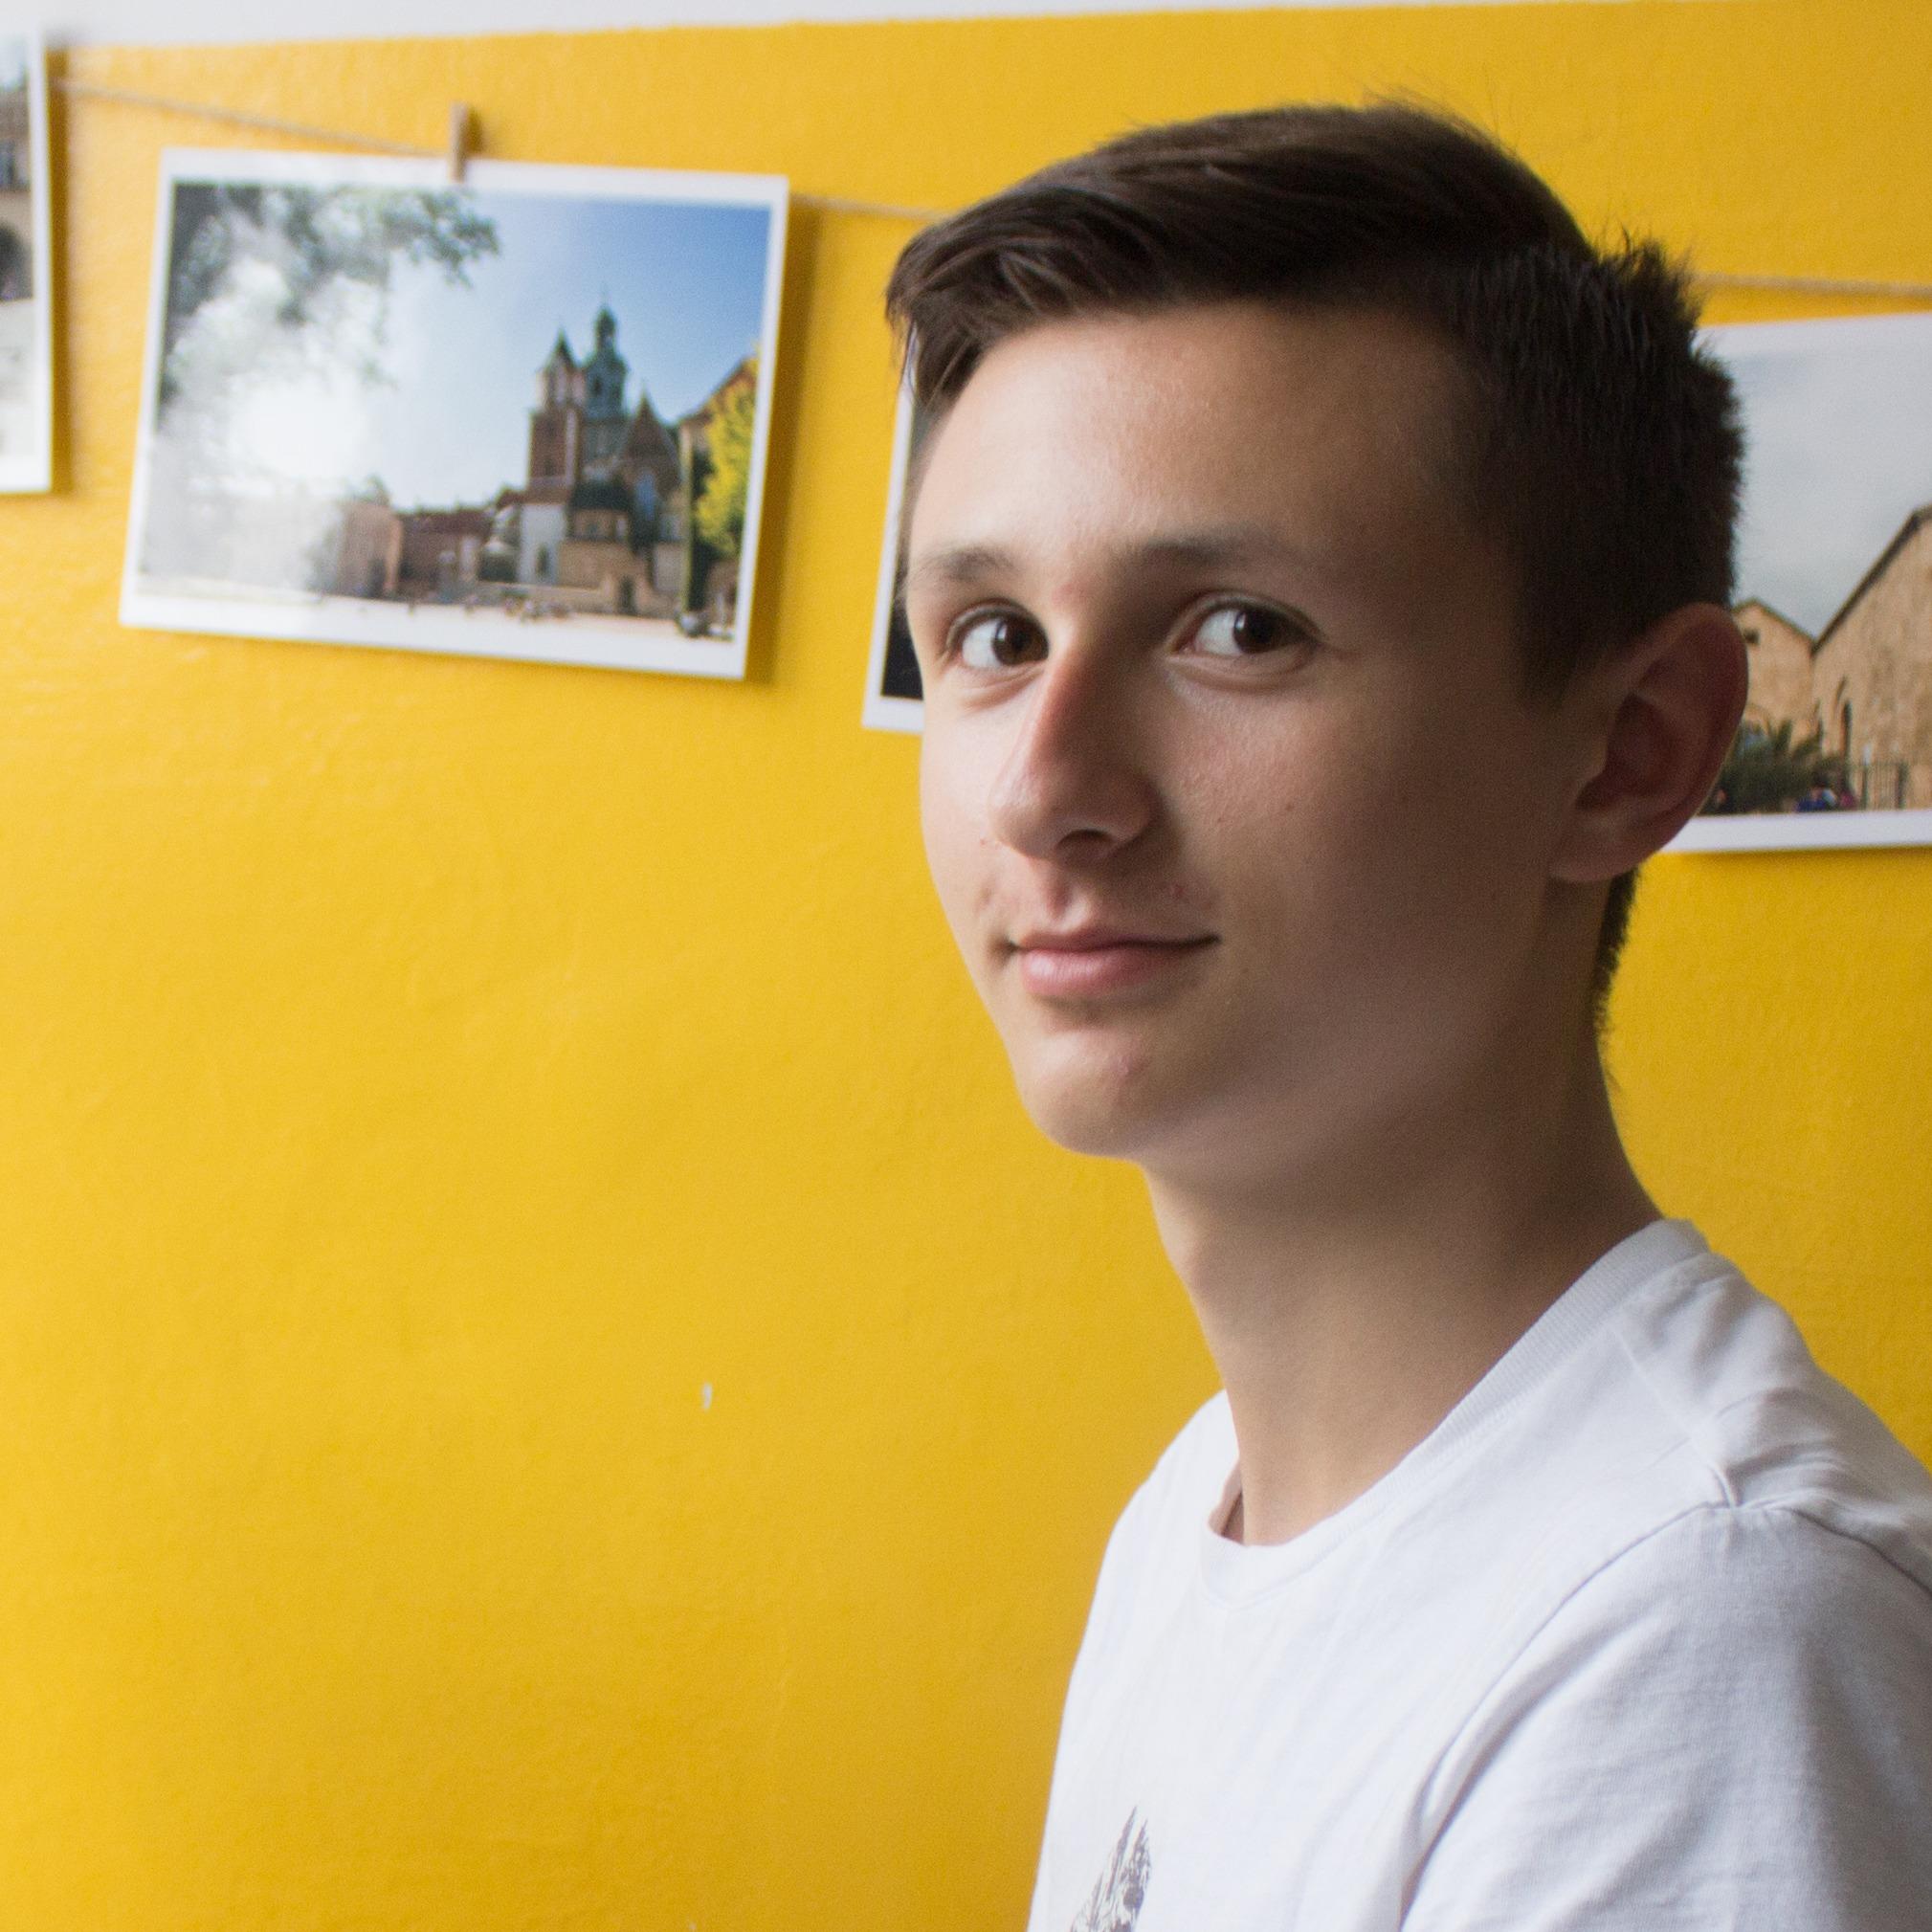 Piotr Grynfelder